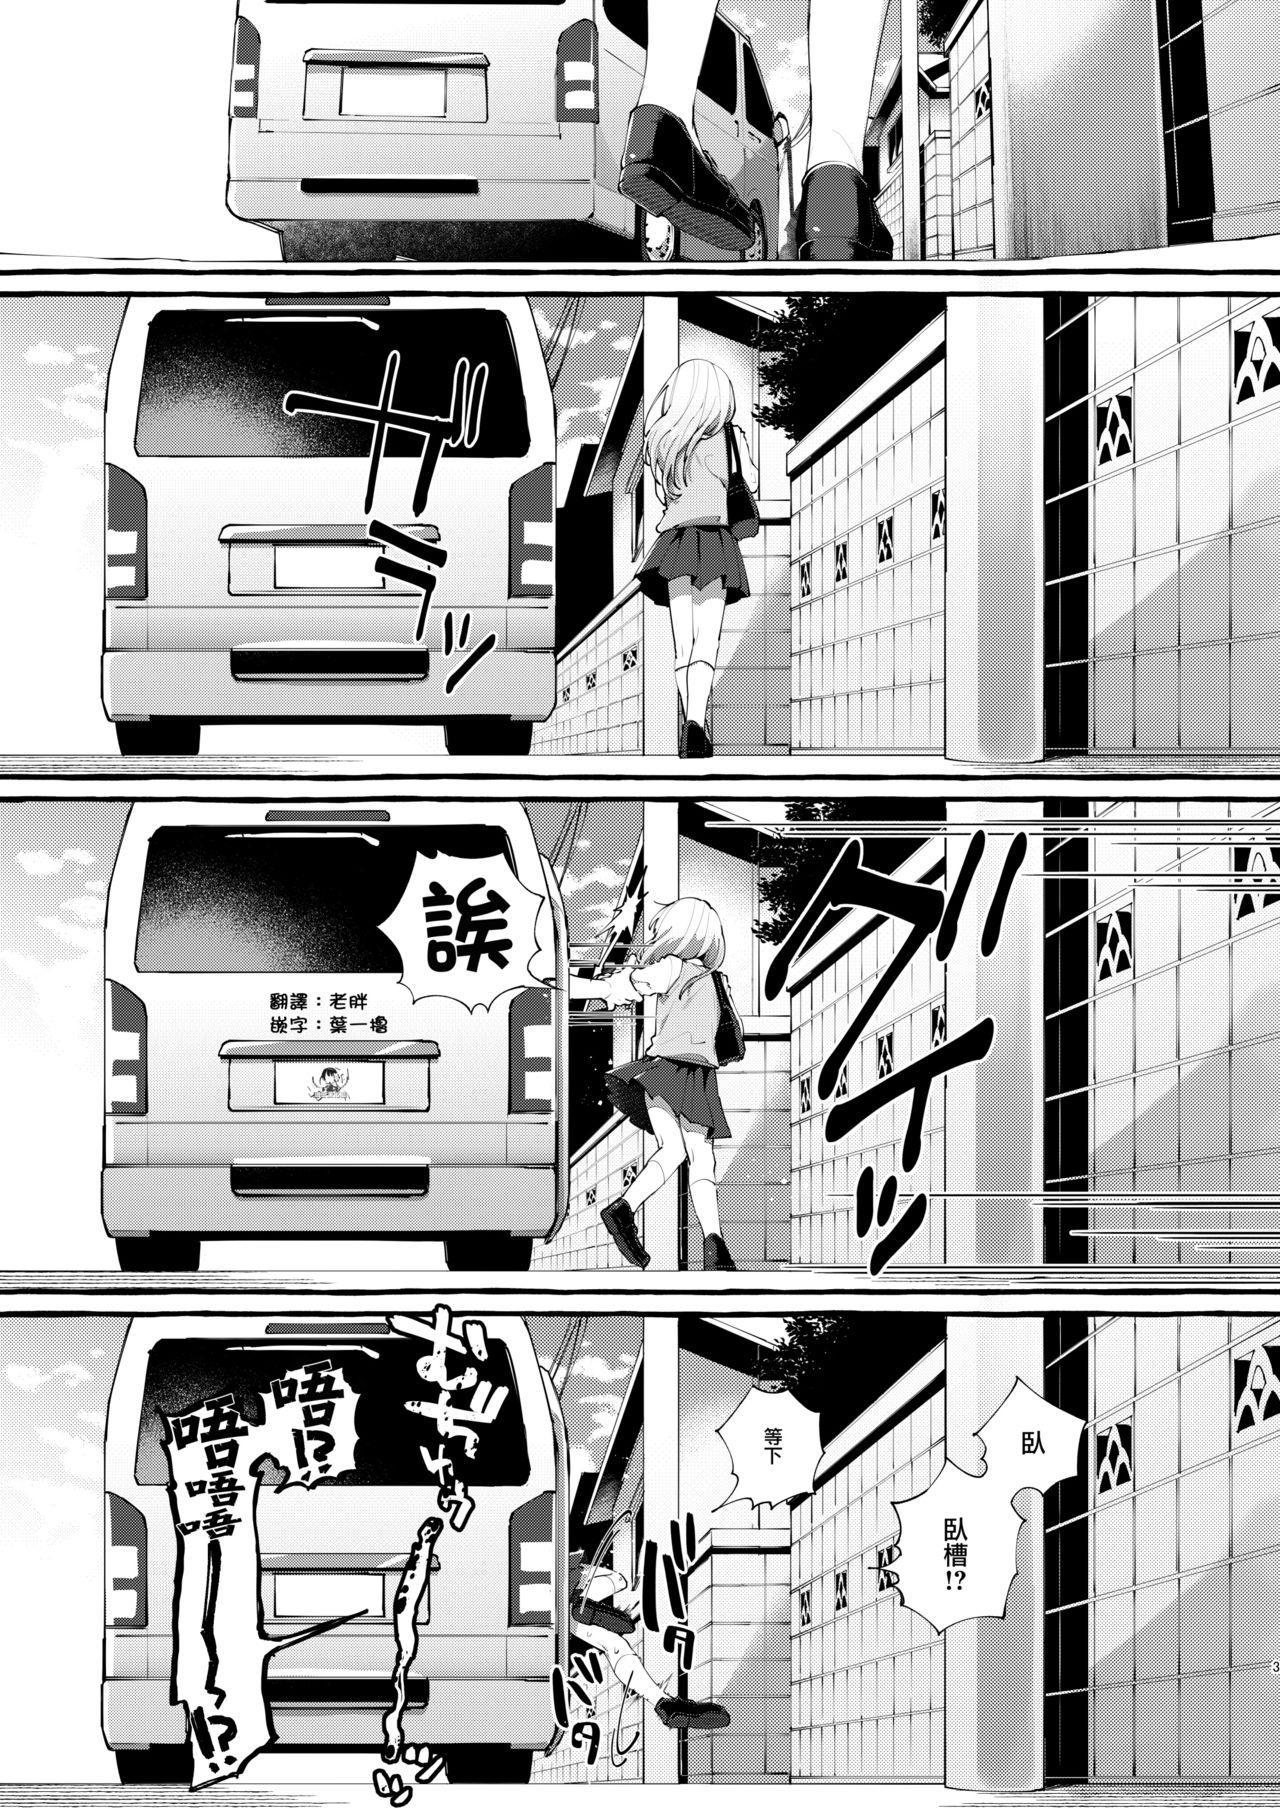 Joshigakusei o Rachi Yuukai Shita to Omottara Otokonoko datta. | 本以为诱拐了女学生却发现是伪娘。 2